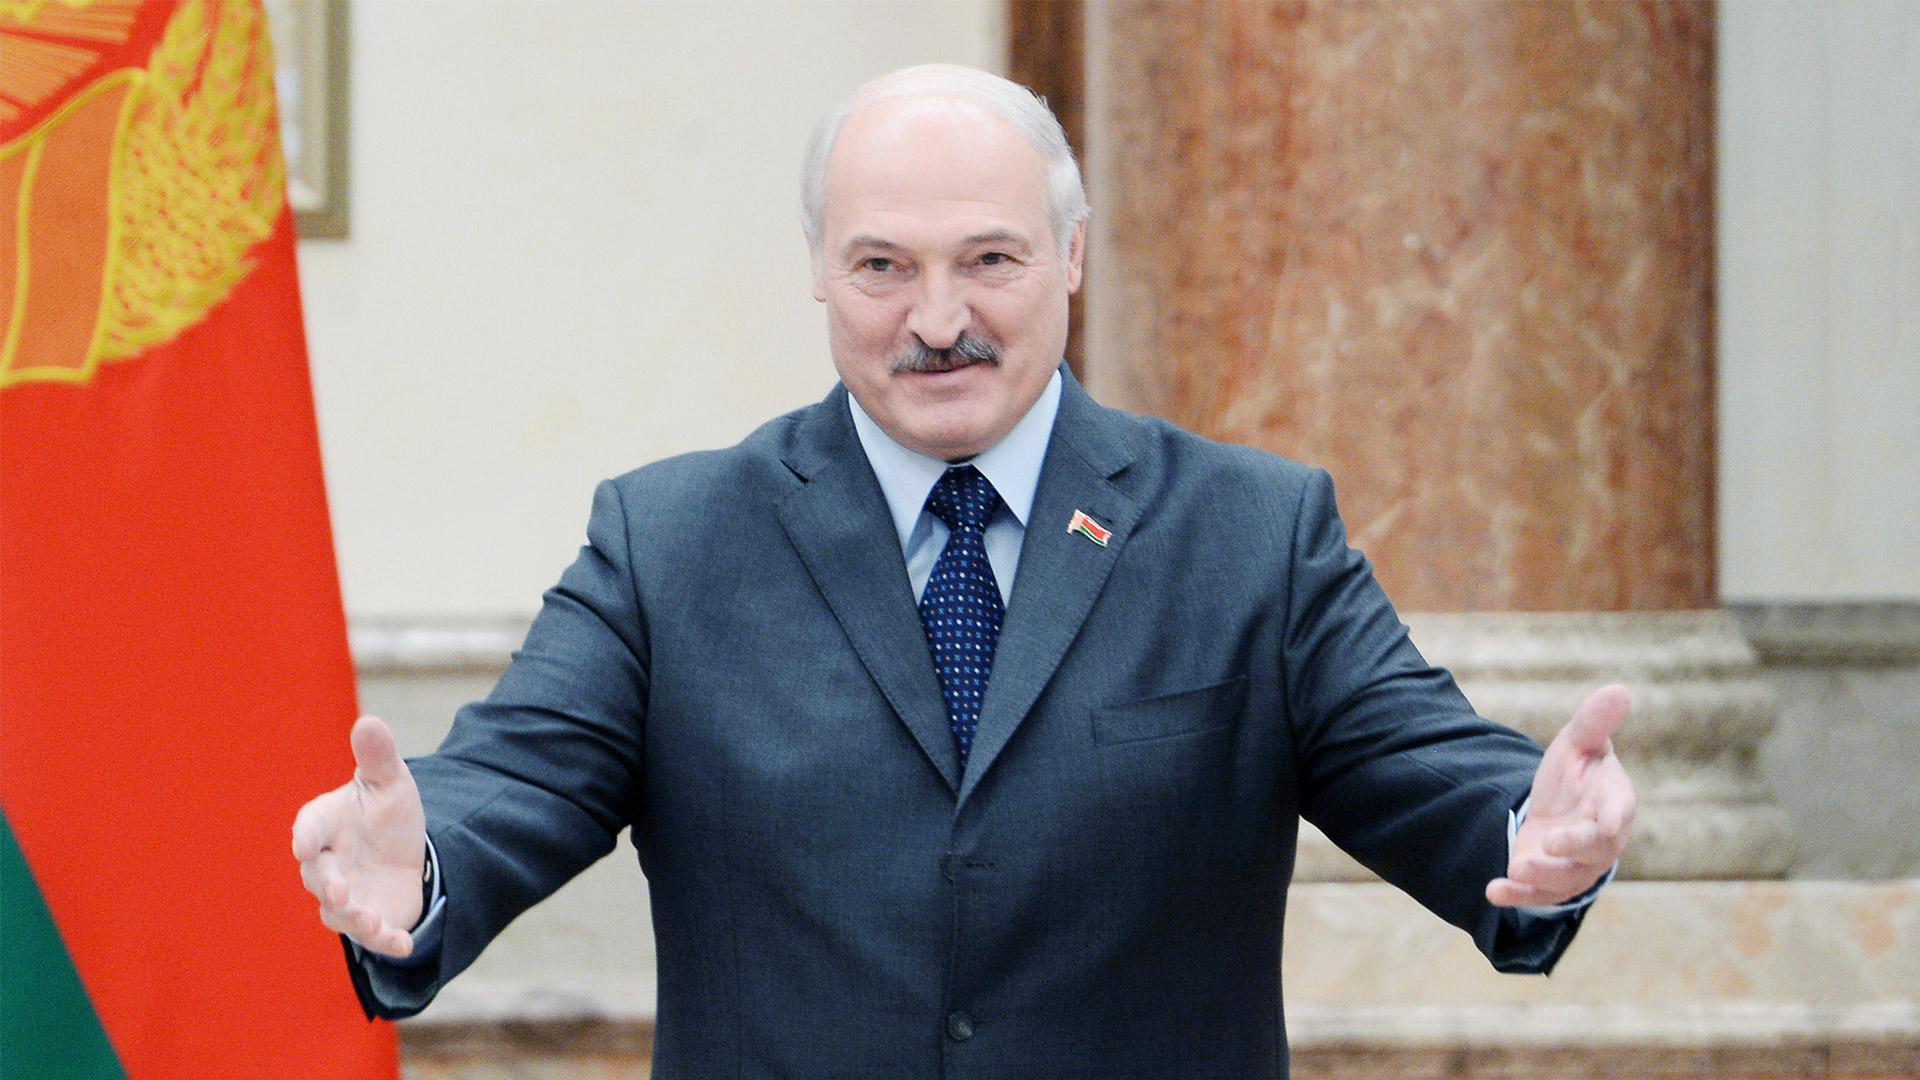 Лукашенко пригласили с ознакомительным визитом в Крым